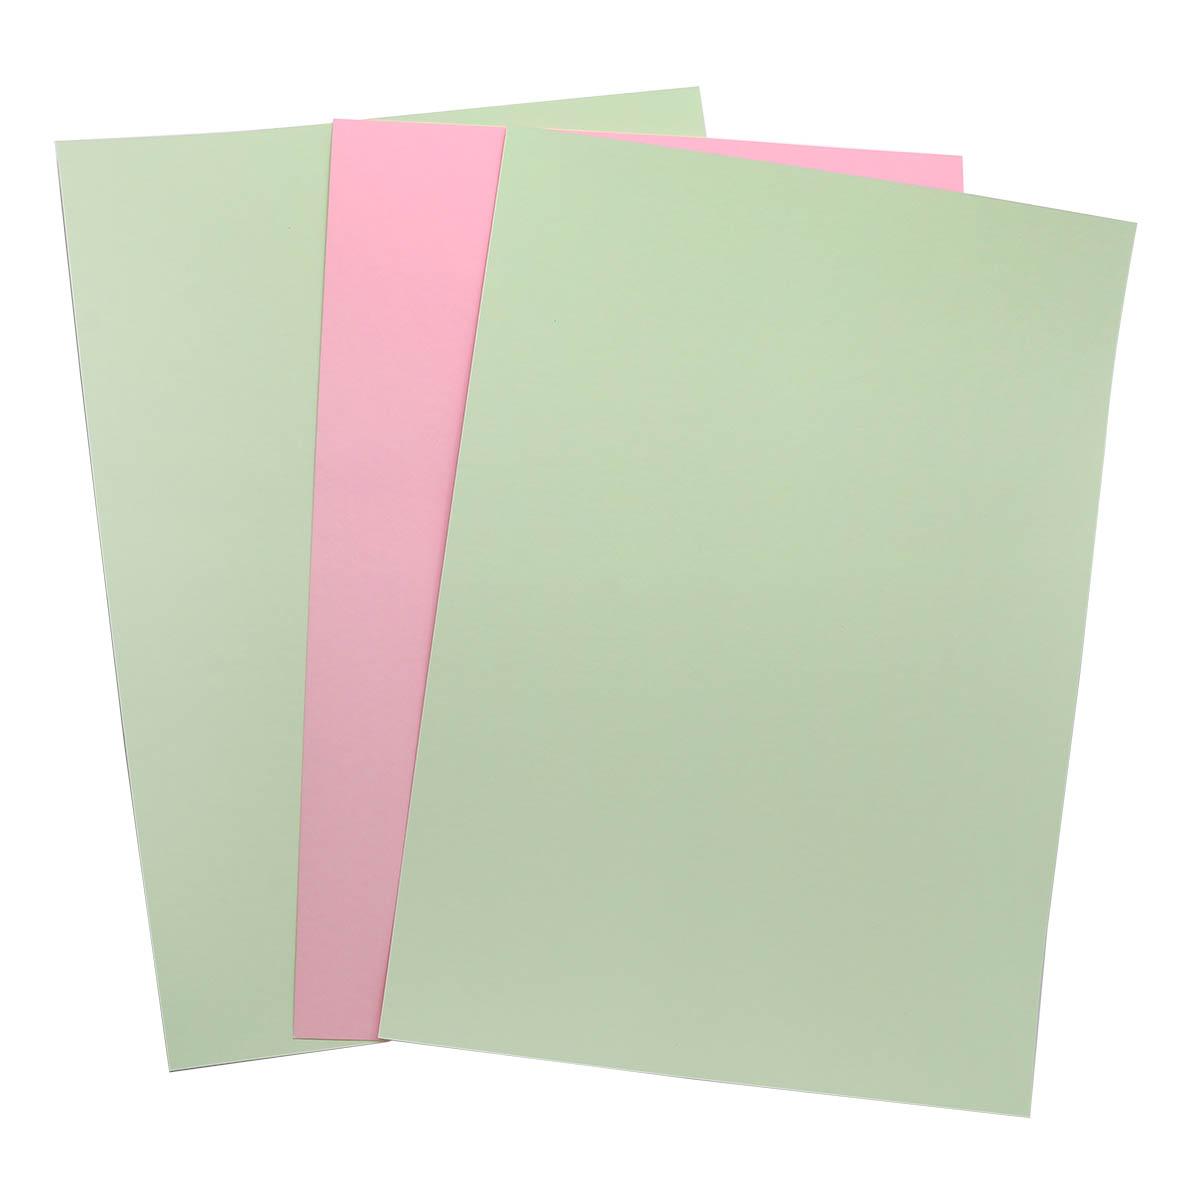 БД0010 Бумага двухсторонняя А4 КОМПЛЕКТ 3шт. Св.Зеленый/Розовый